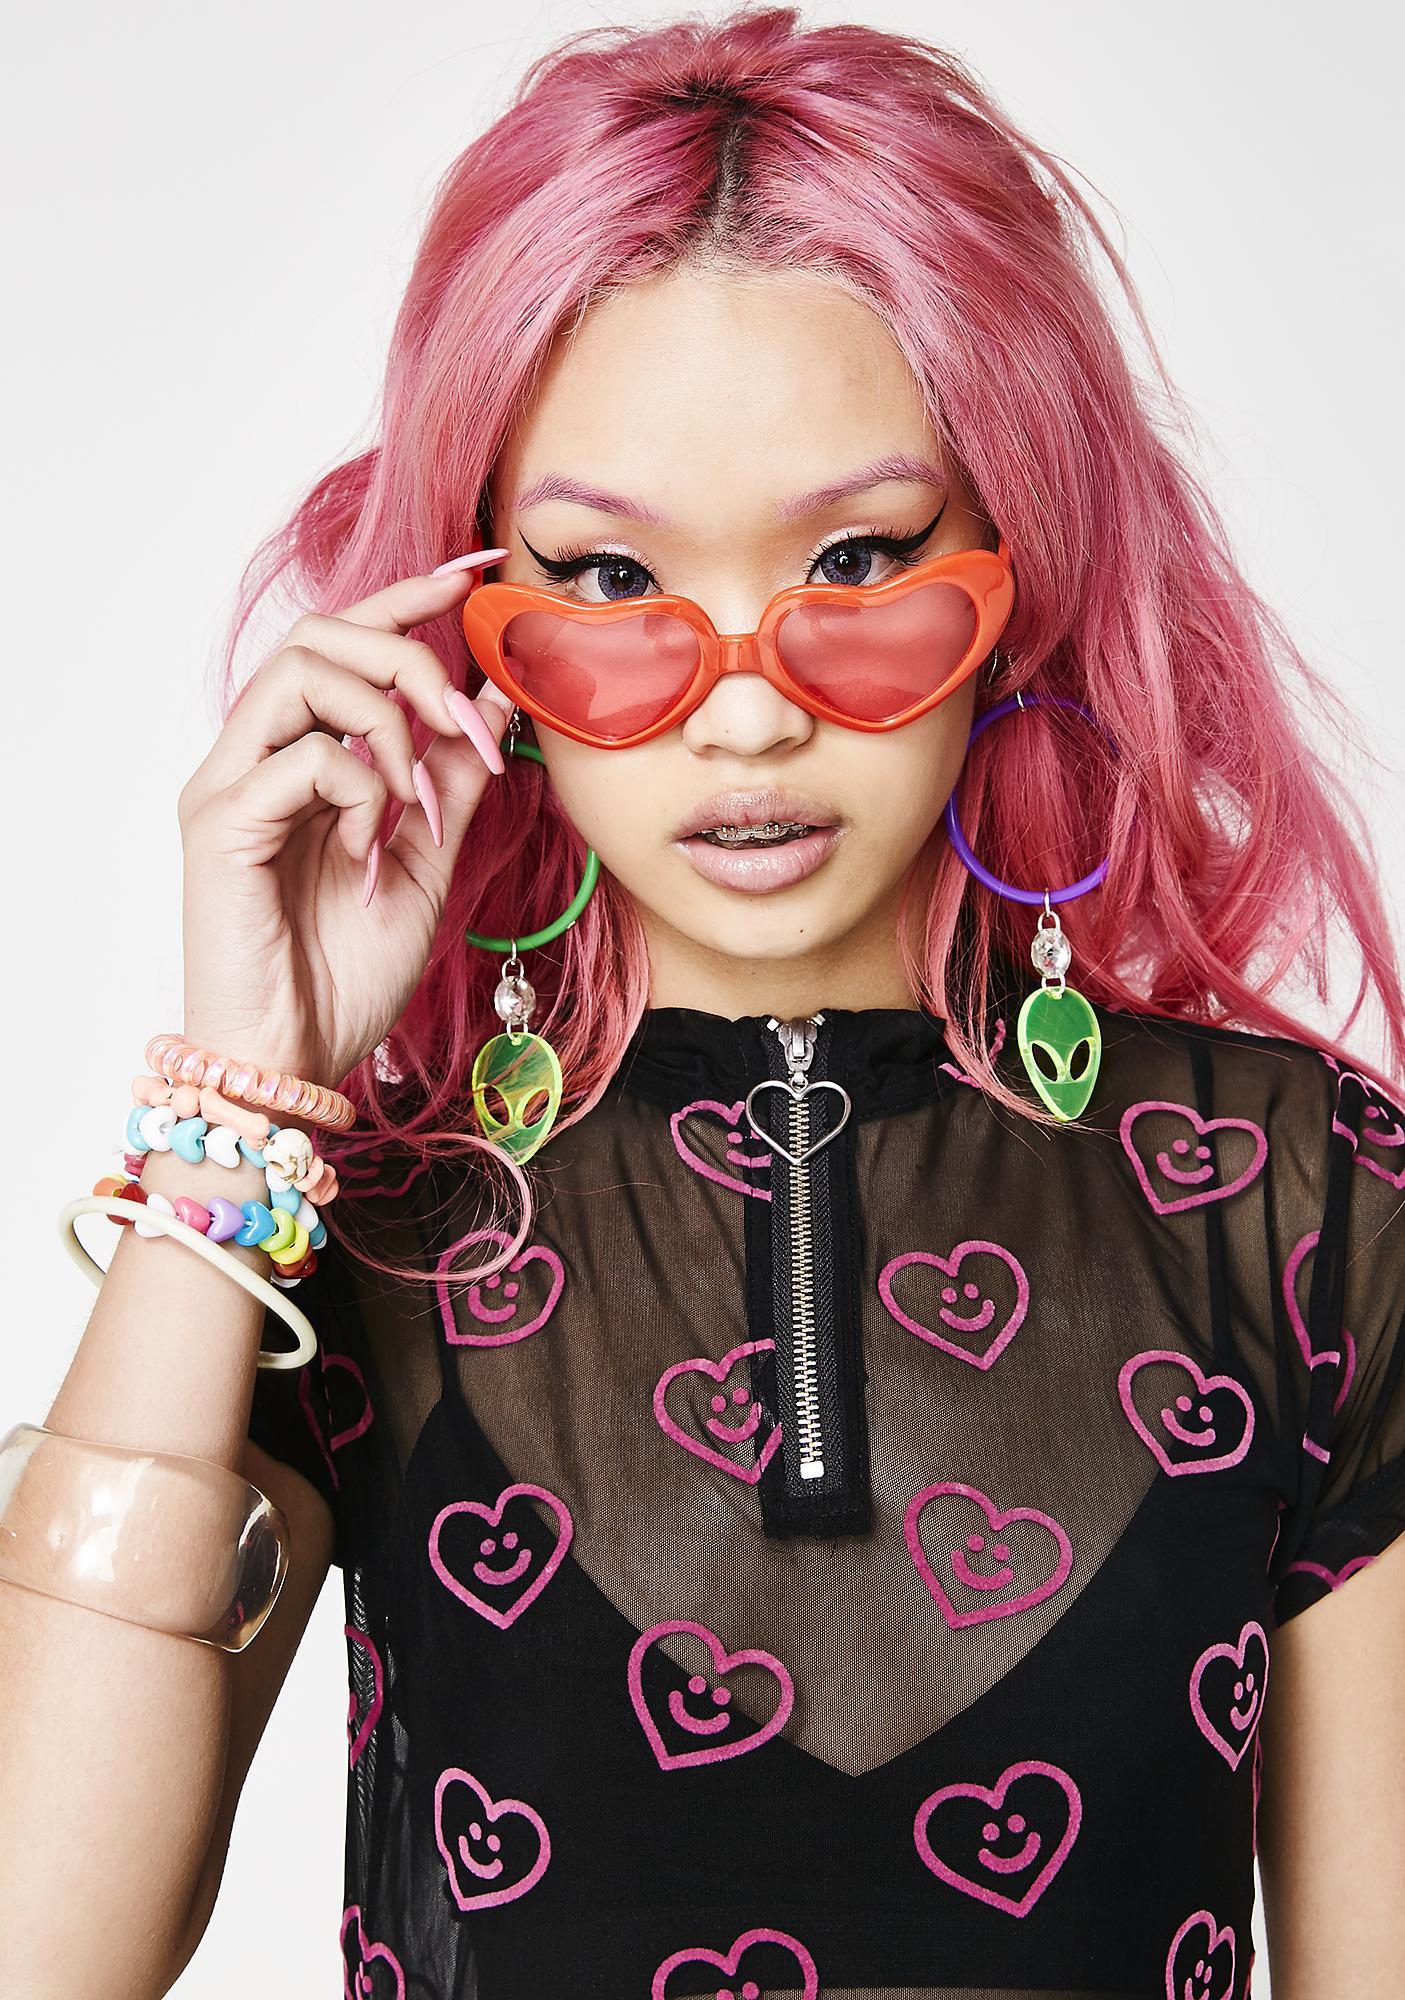 45b986c5f5 ... Spread The Love Heart Sunglasses